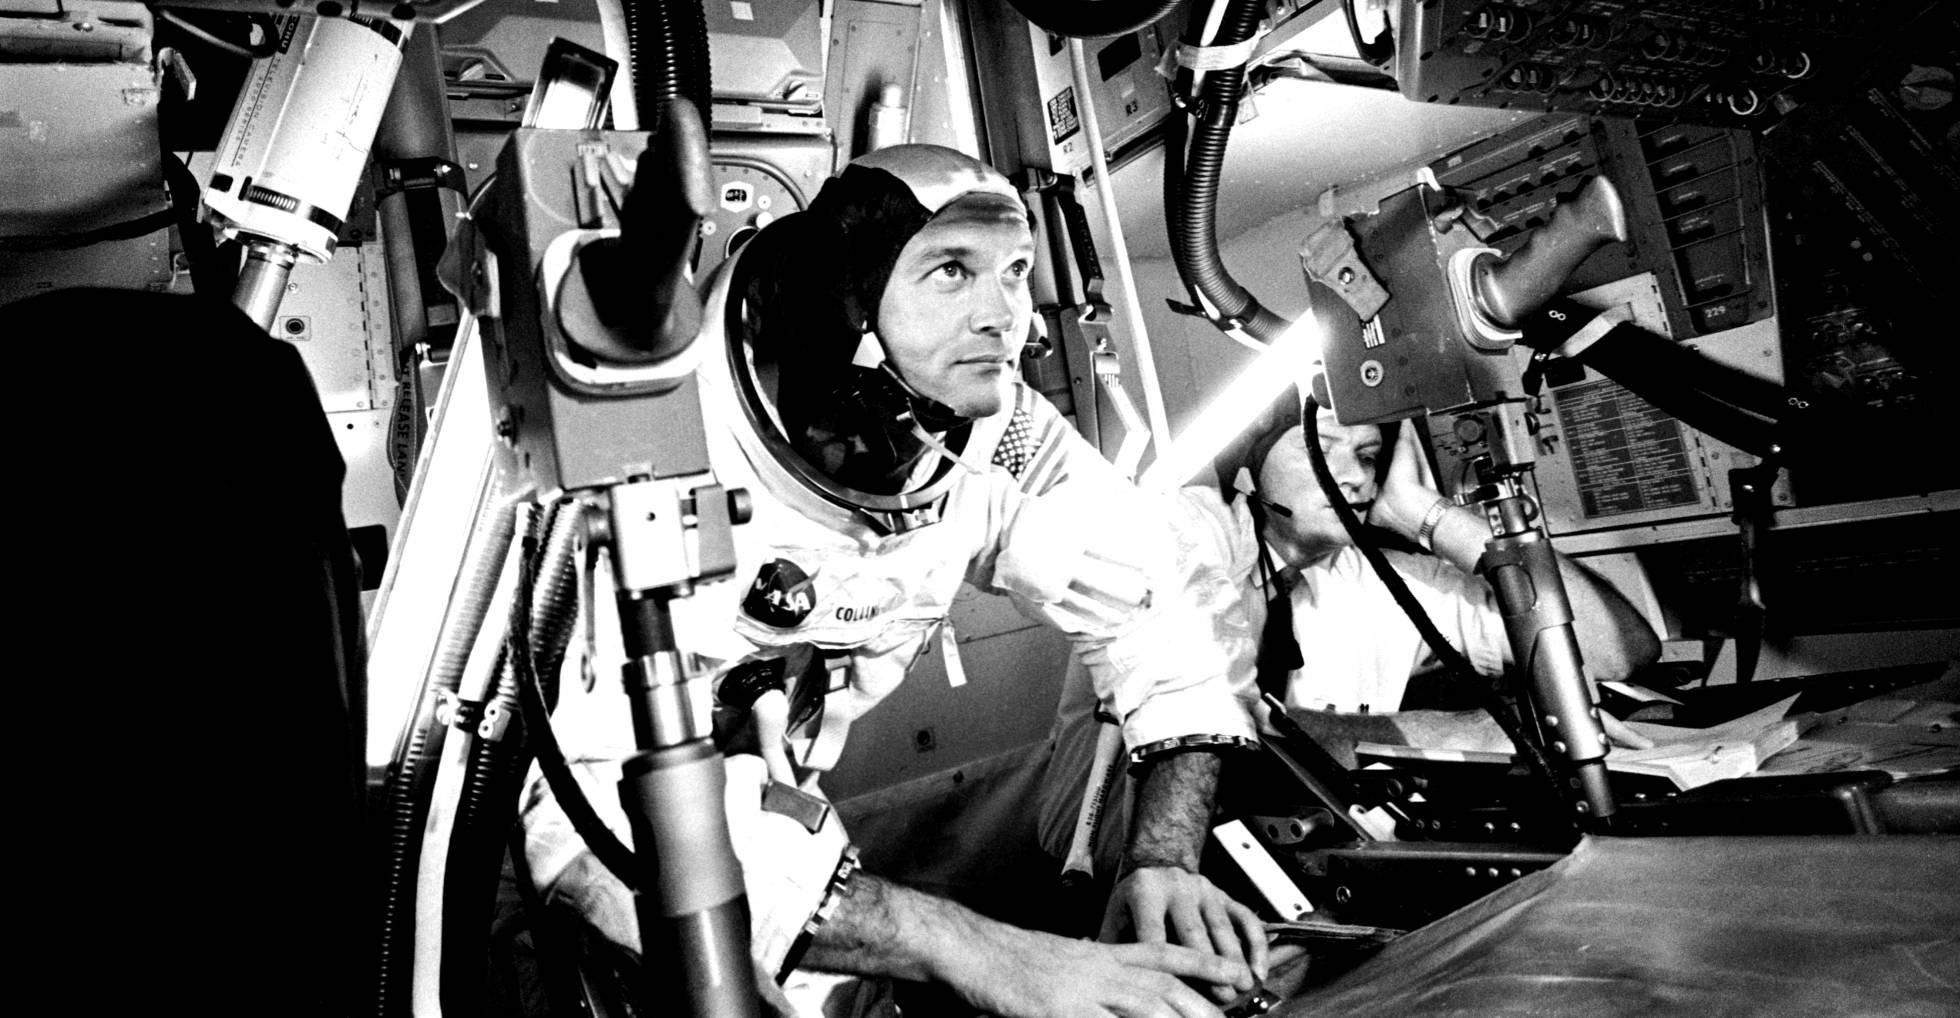 Fotos: La vida de Michael Collins, en imágenes | Actualidad | EL PAÍS